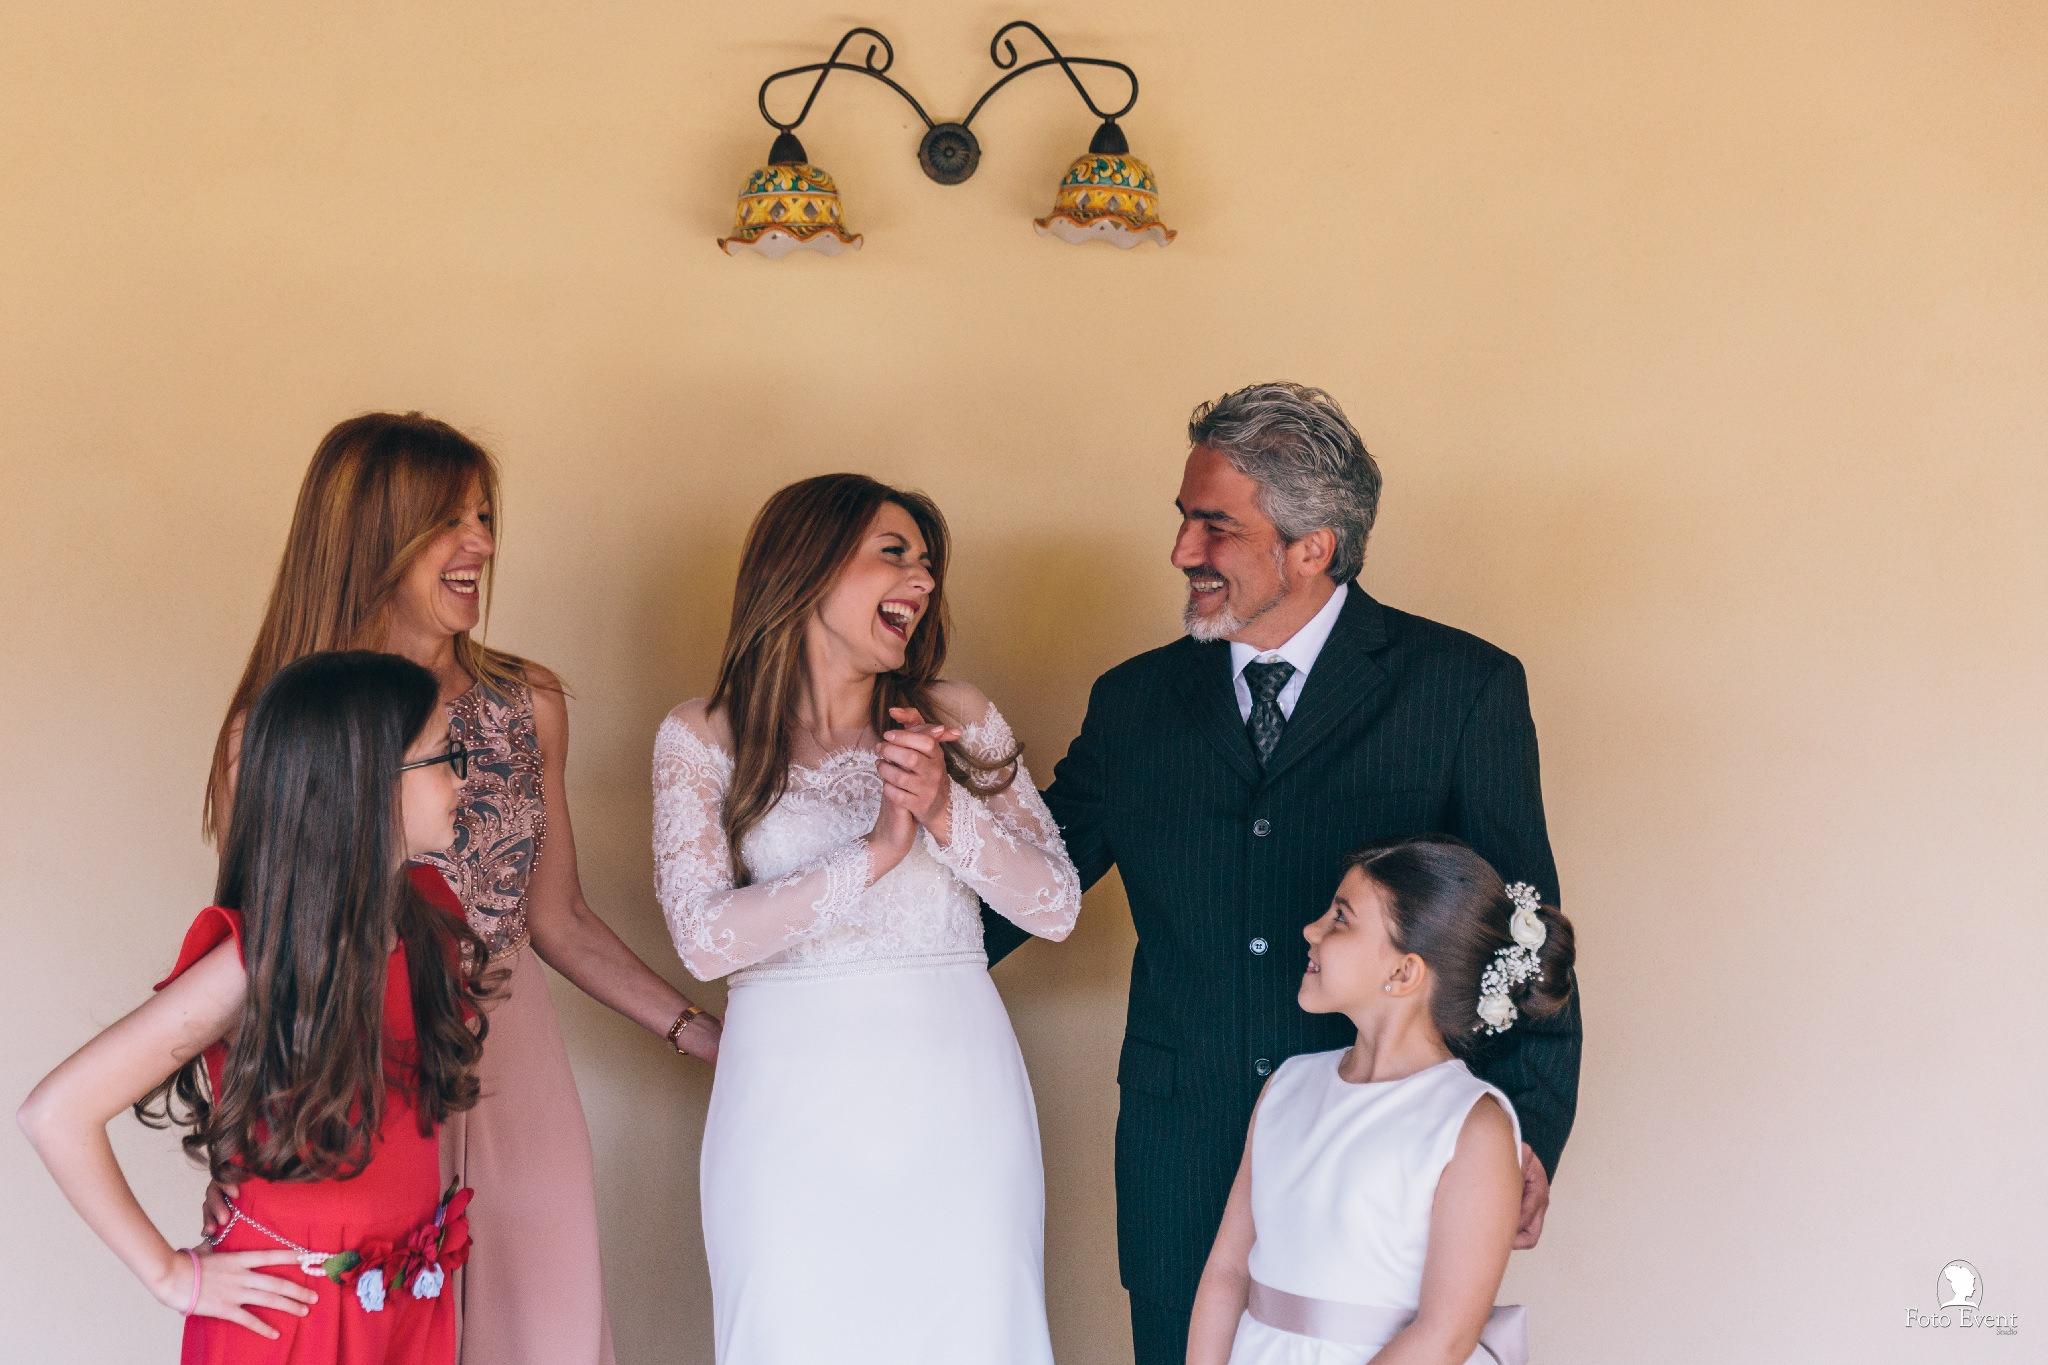 317-2019-05-09-Matrimonio-Maria-Concetta-e-Daniel-Gebbia-5DE-732